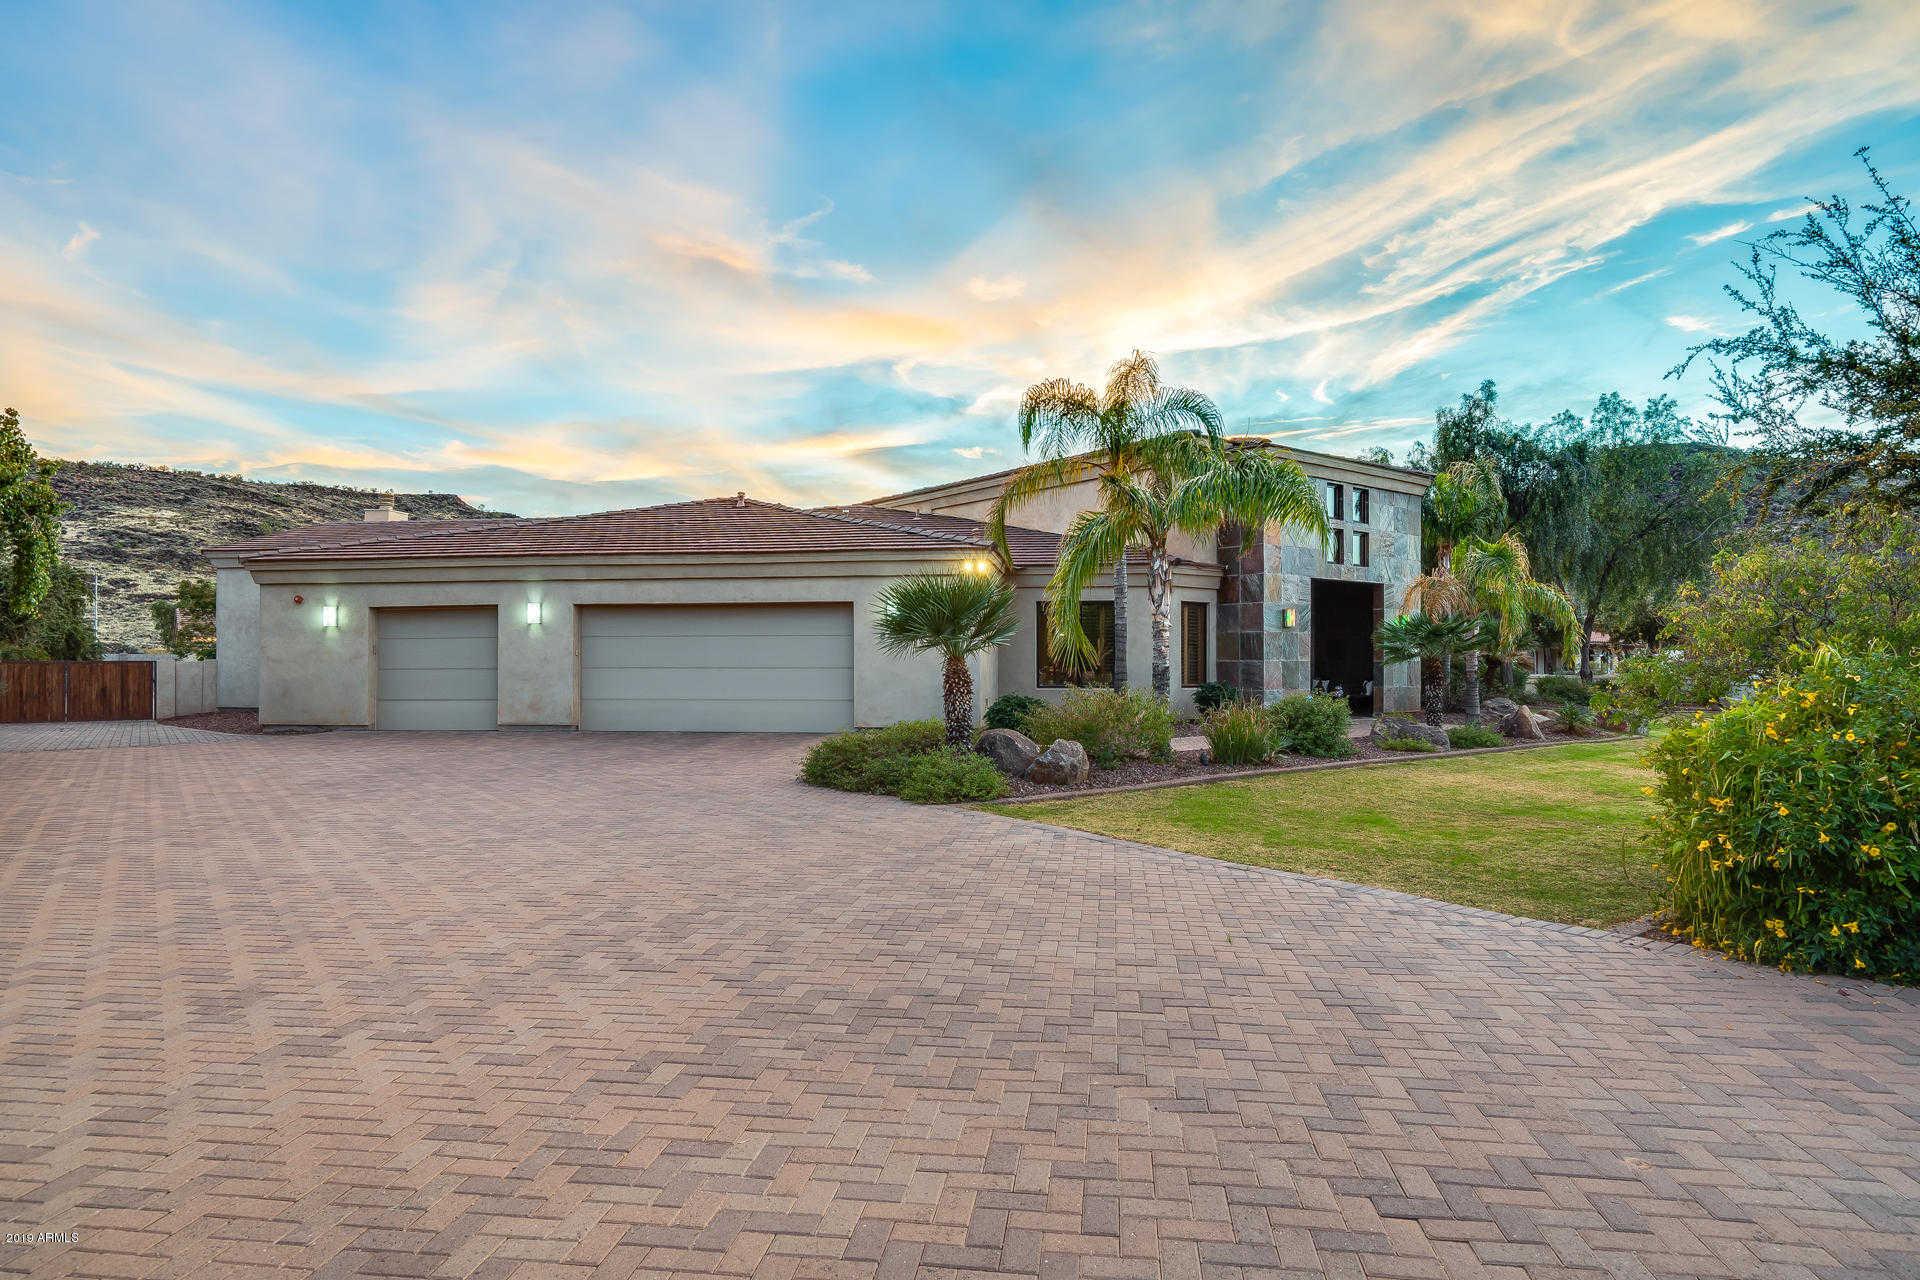 $1,200,000 - 4Br/4Ba - Home for Sale in Saddleback Hills, Glendale